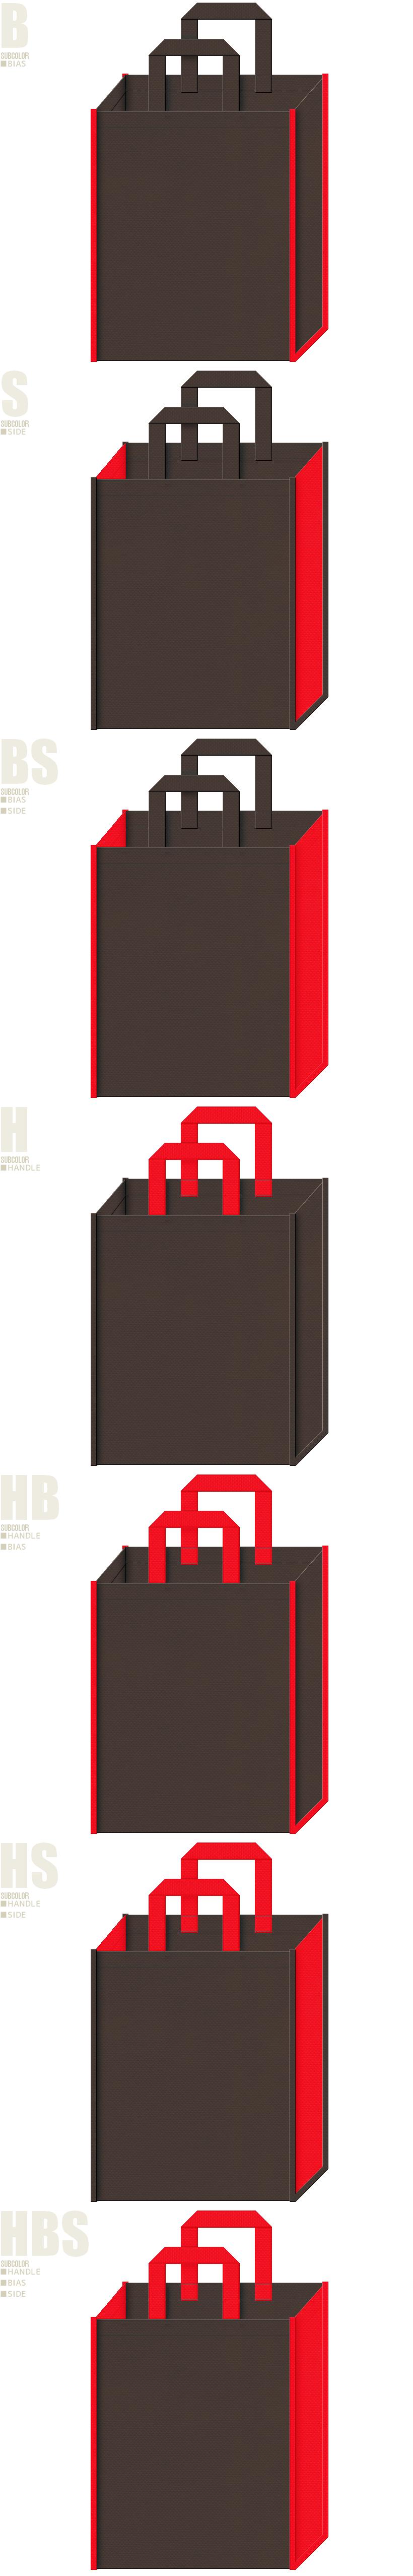 クリスマスの不織布バッグにお奨めの配色です。こげ茶色と赤色、7パターンの不織布トートバッグ配色デザイン例。